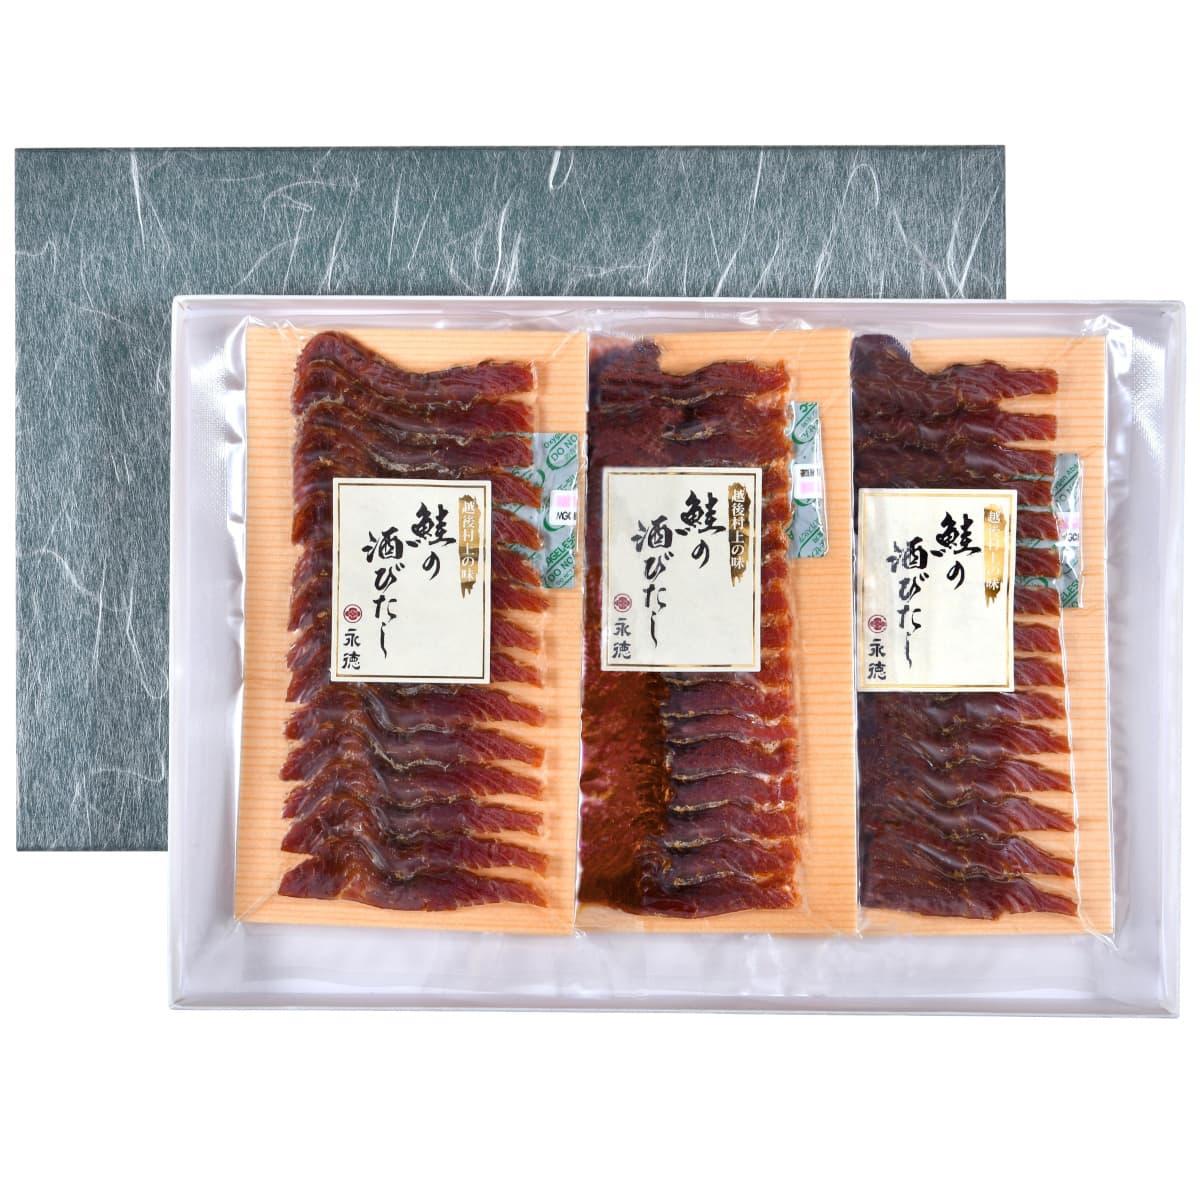 鮭の酒びたし 40g×3